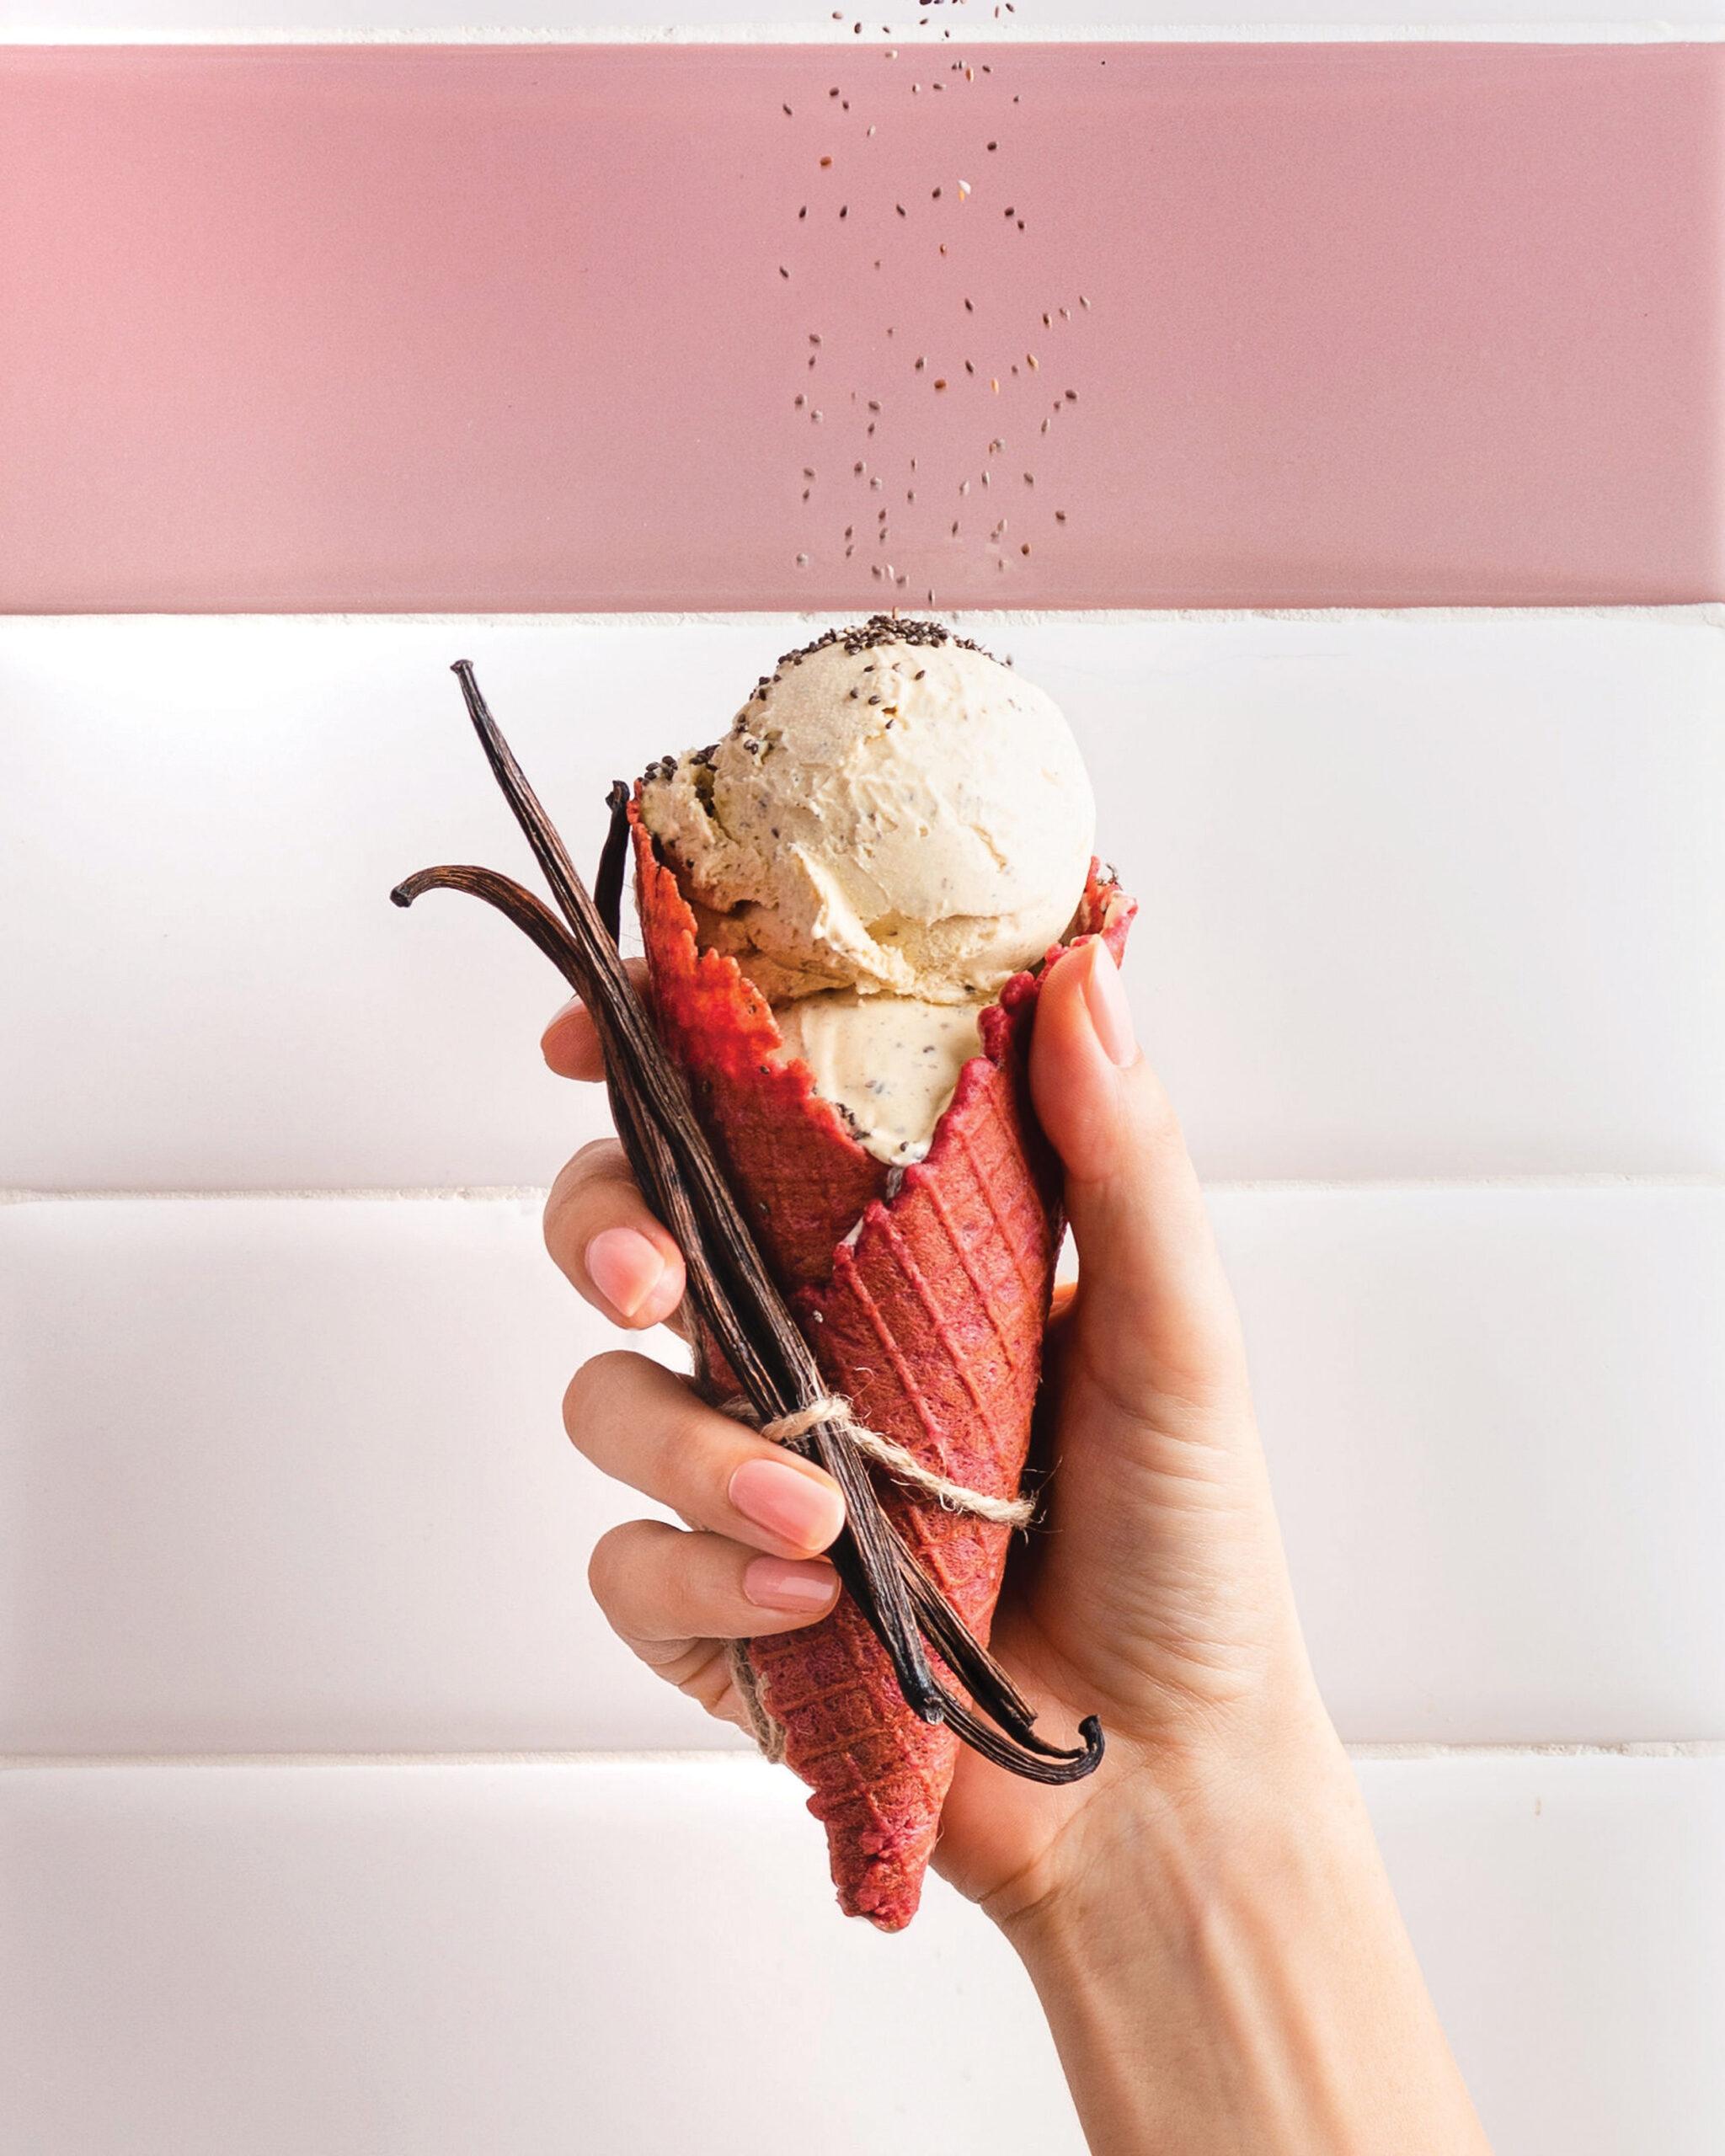 Vanila ice-cream cone